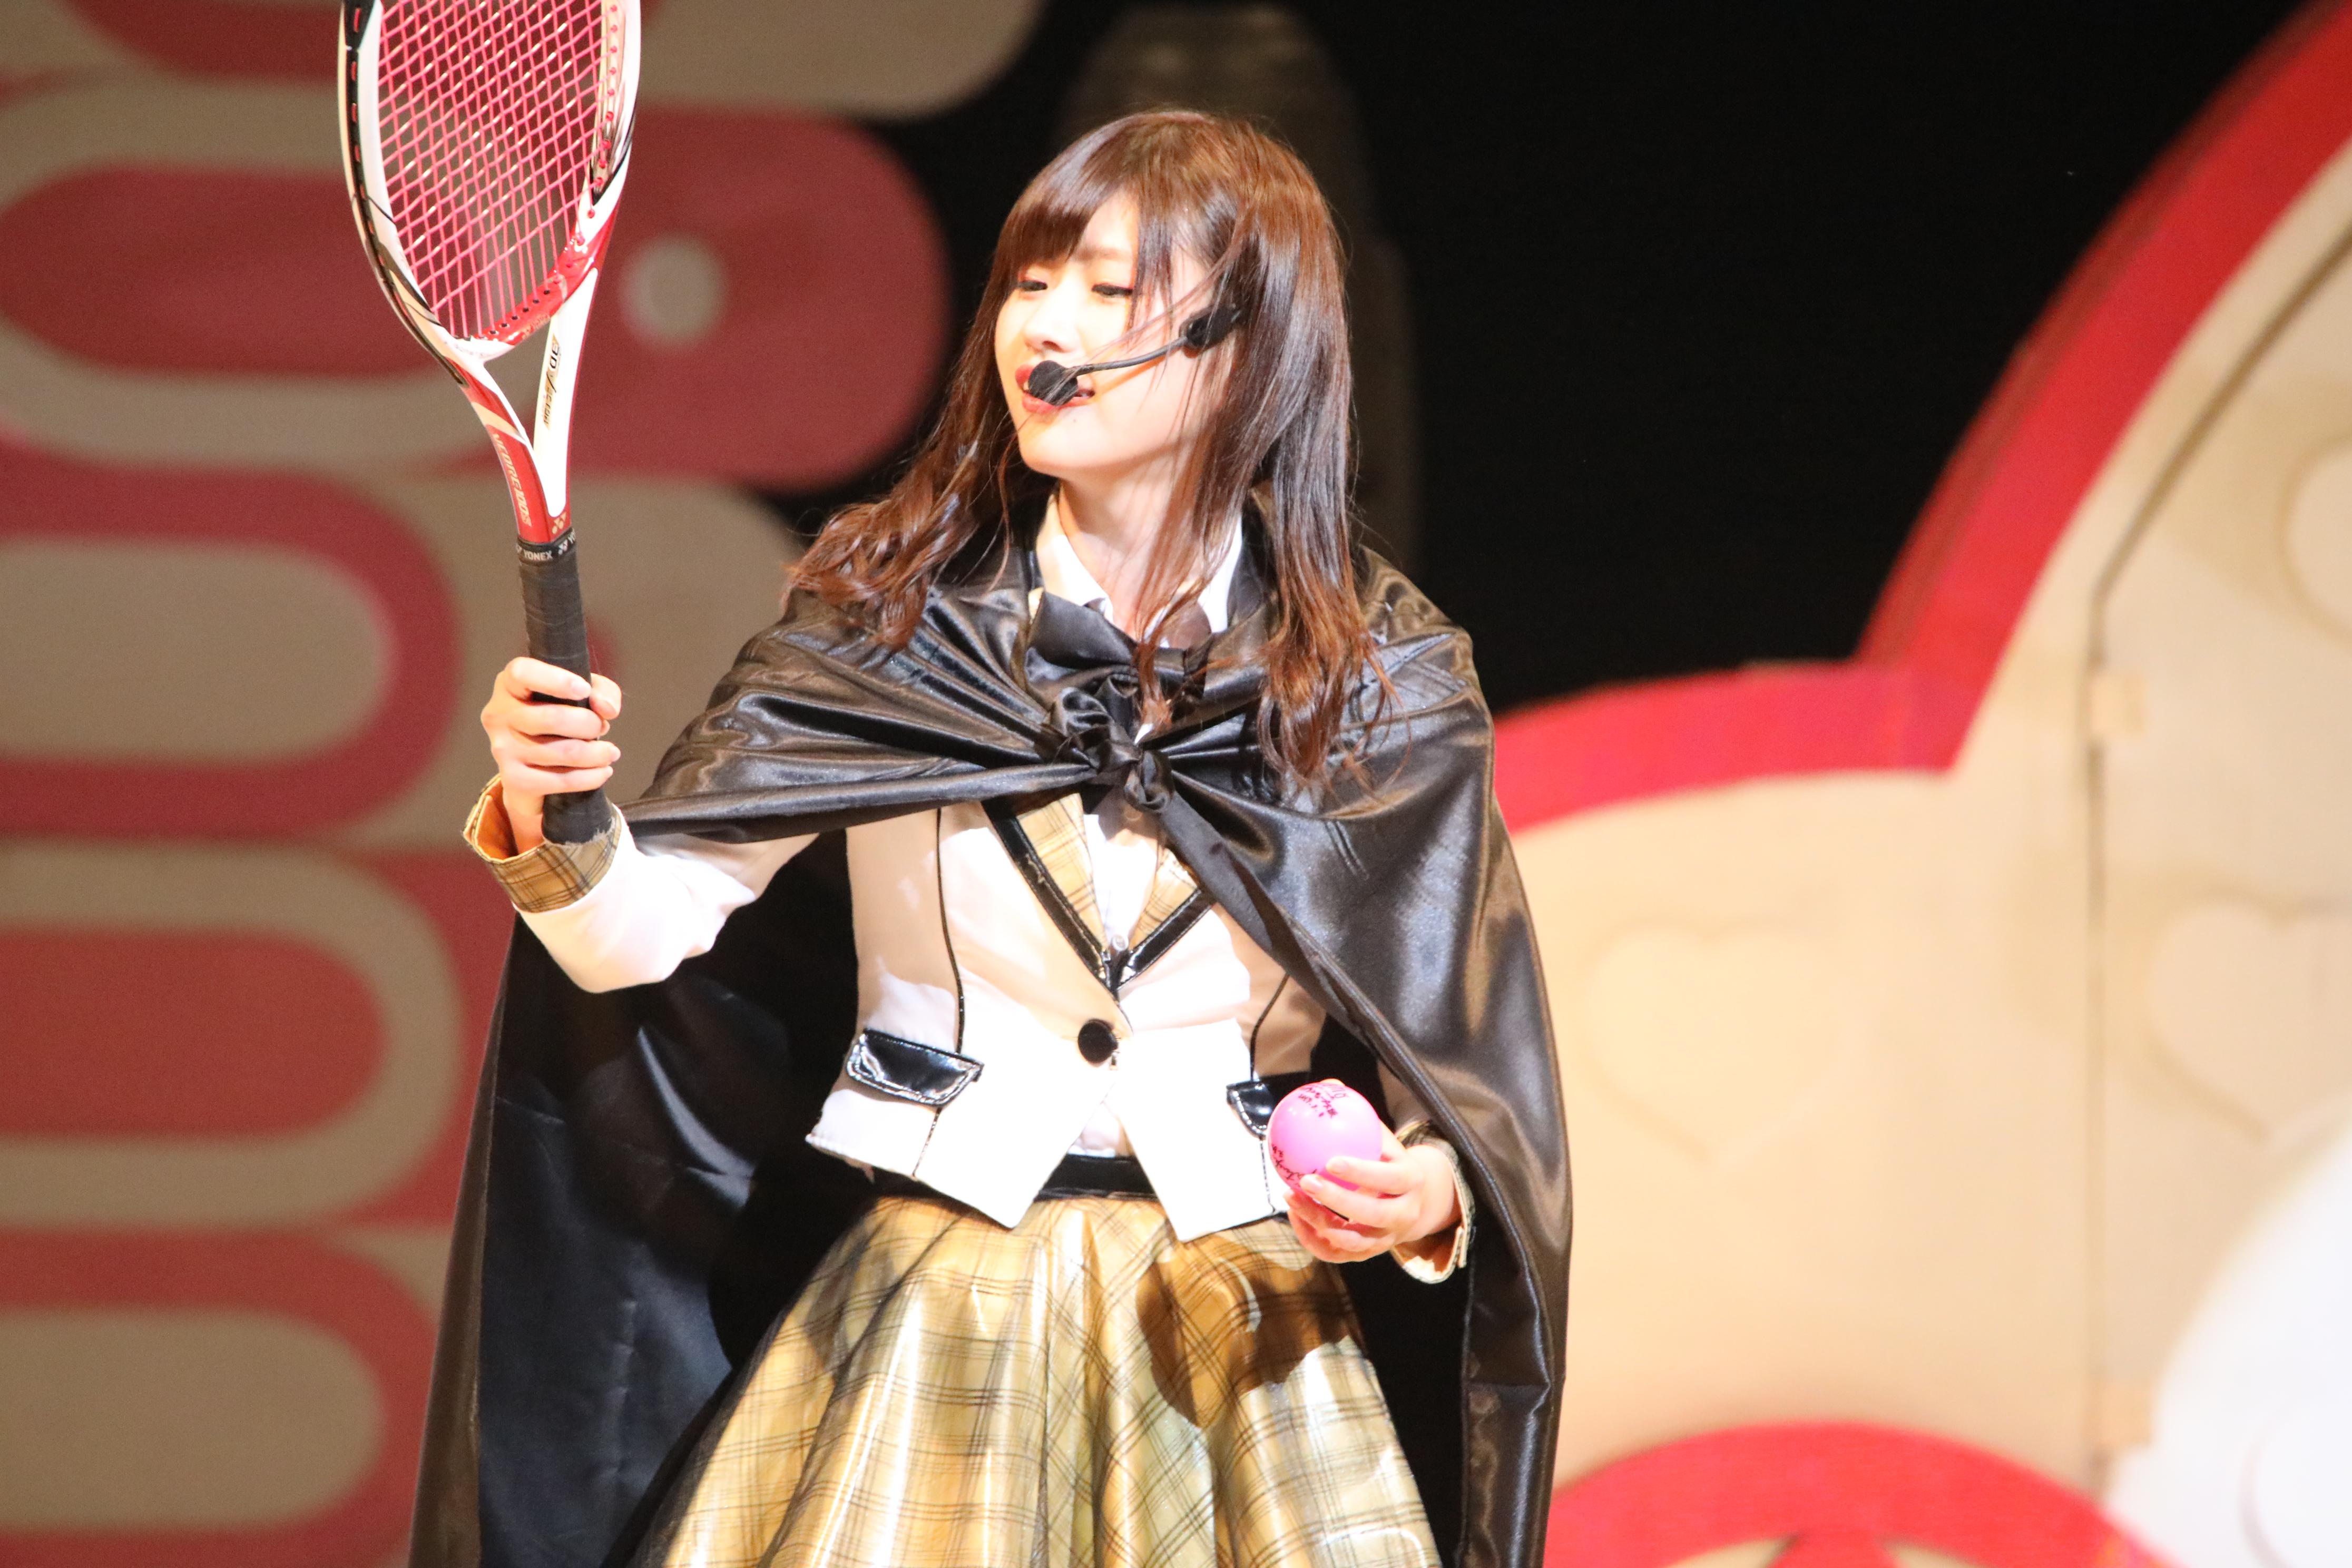 エイトの日での佐藤朱「このラケット、とっても打ちやすいな!どこのラケットだ?」